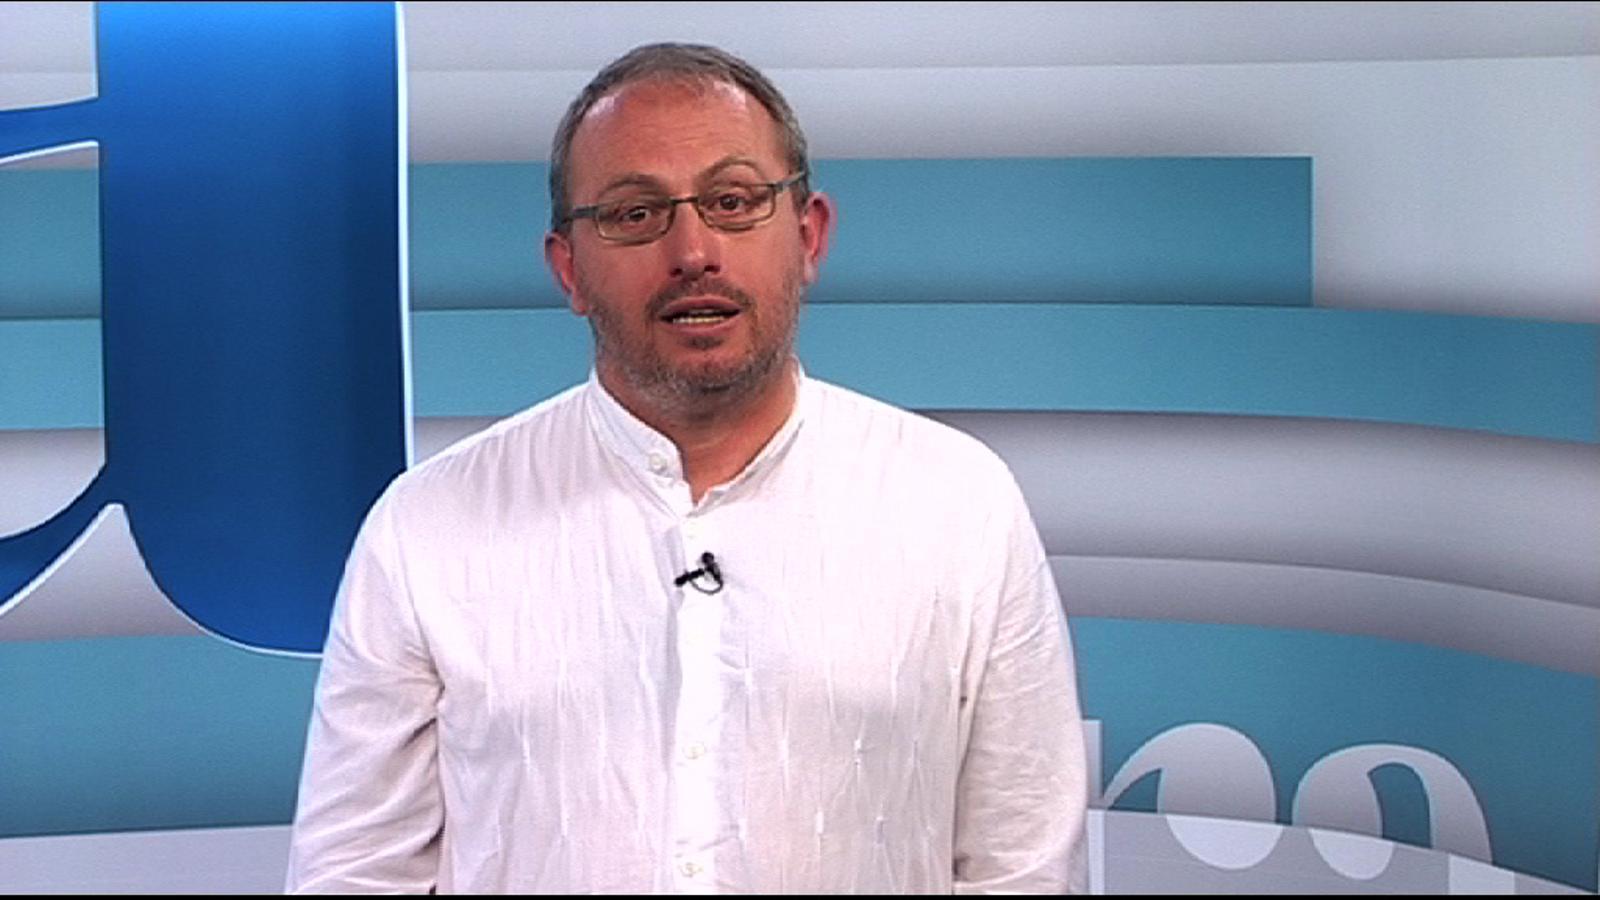 El sociòleg Carles Feixa fa una valoració del moviment dels 'indignats' un any després del 15-M